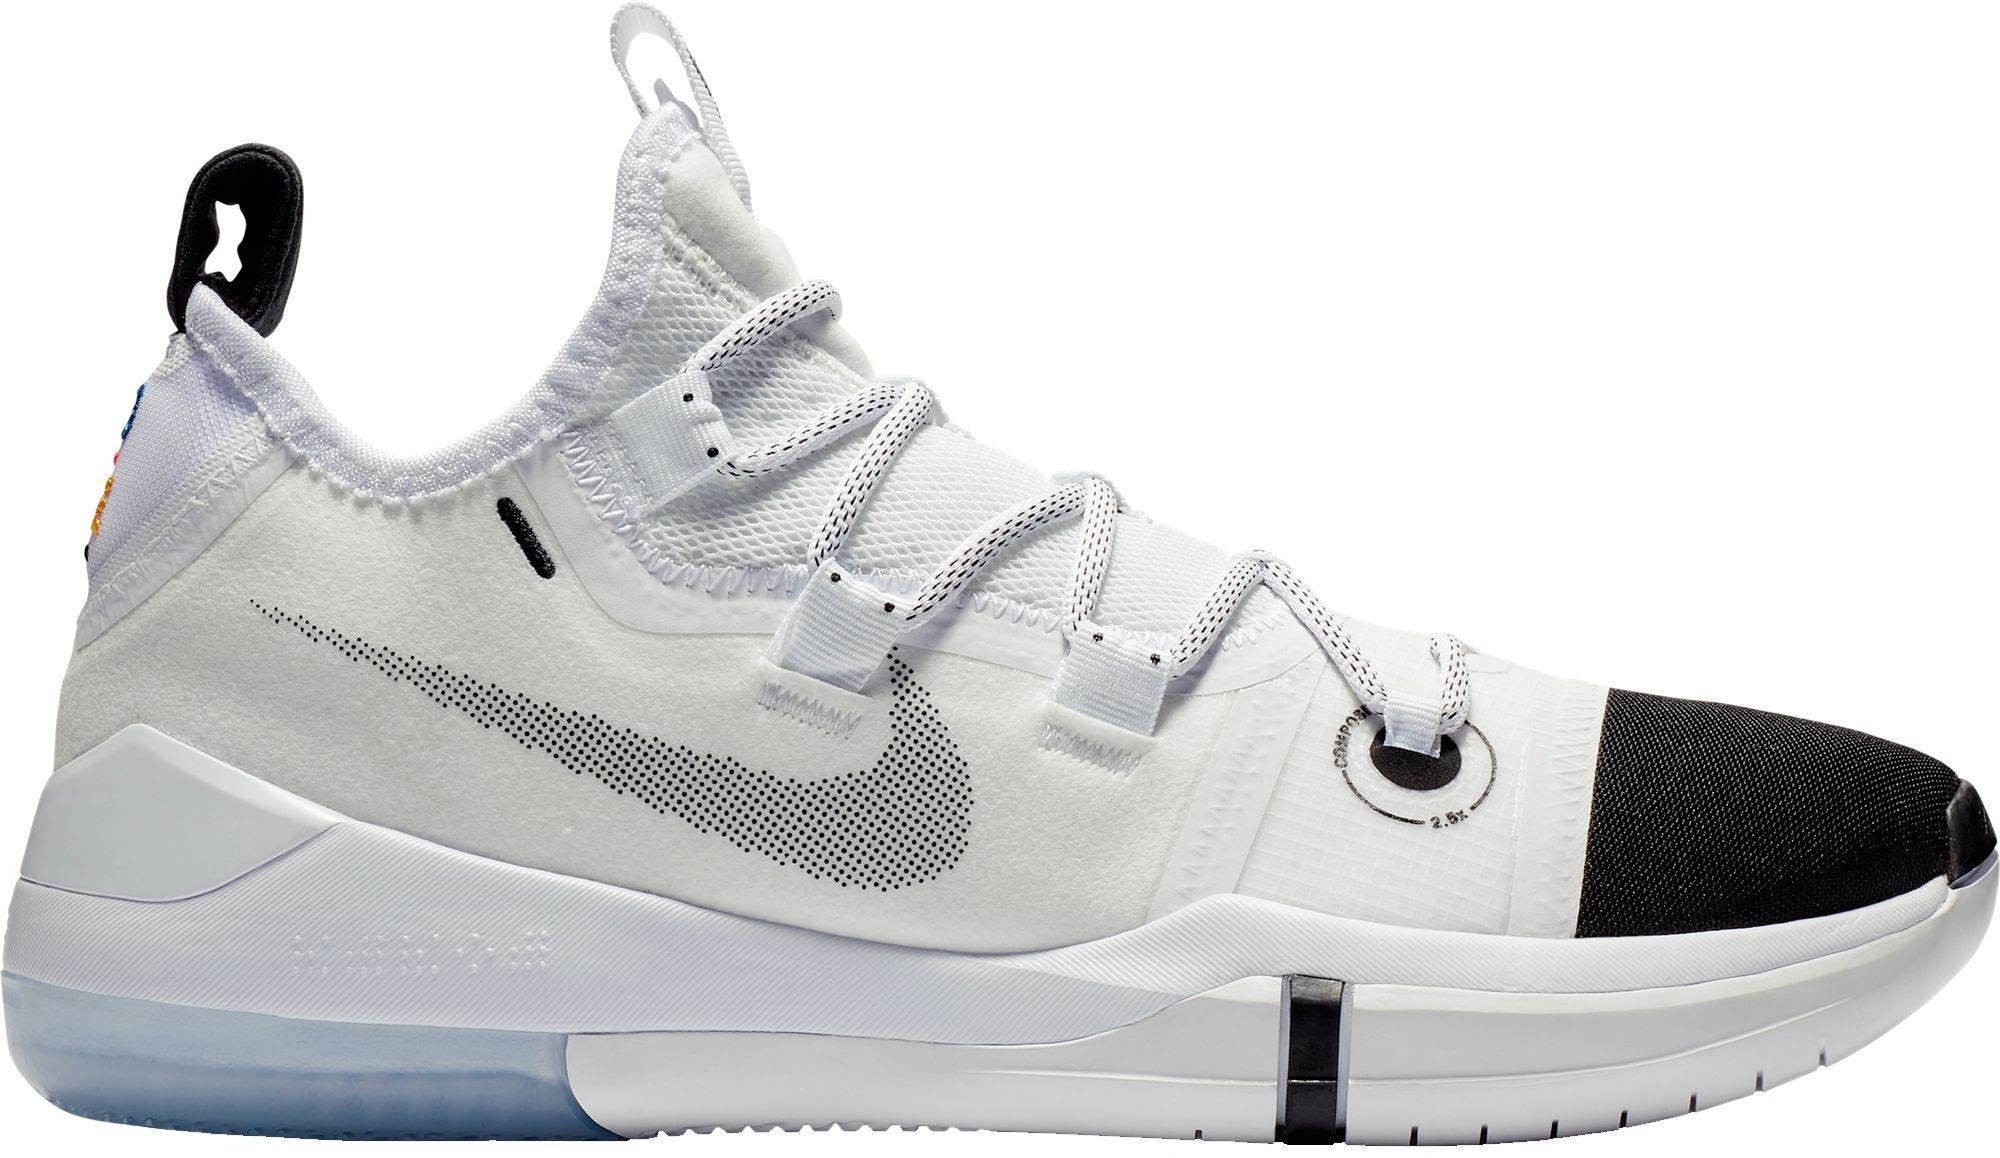 Nike Kobe A.d. Tb Basketball Shoes in